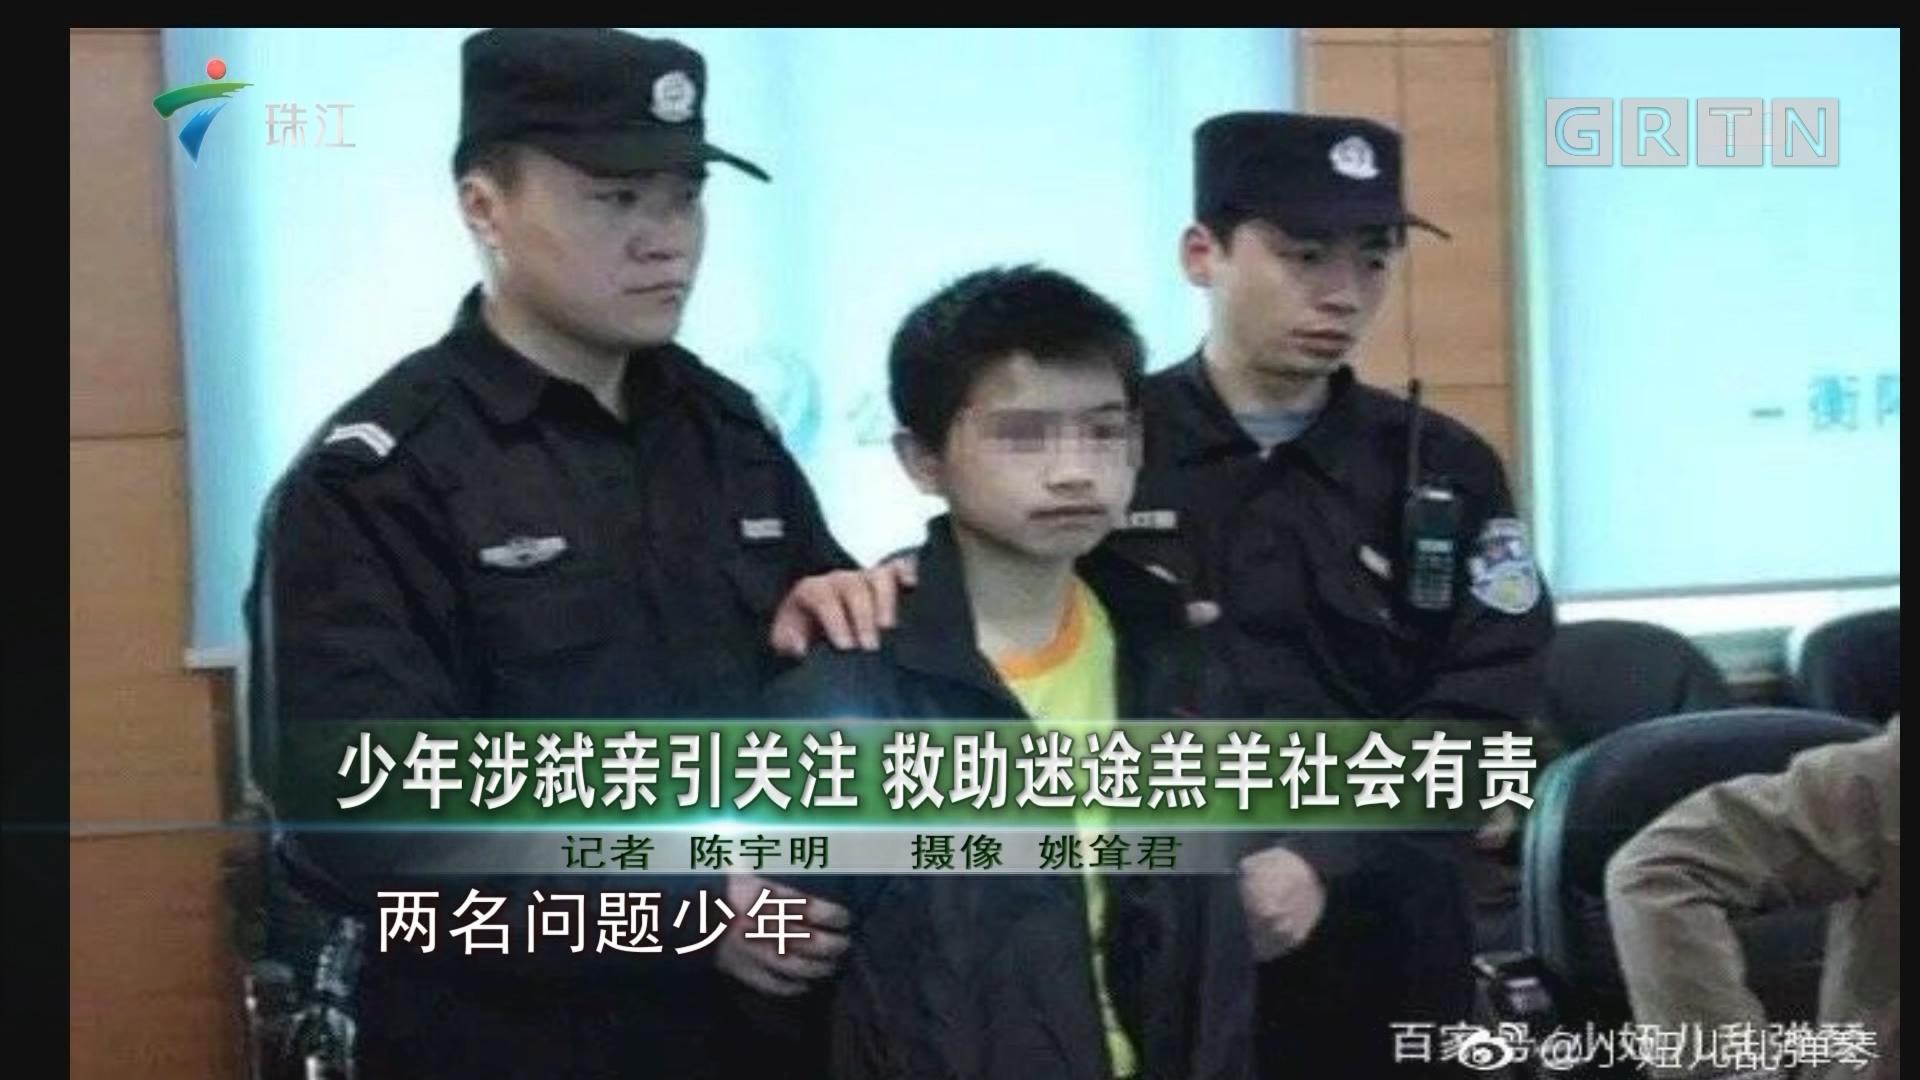 少年涉弑亲引关注 救助迷途羔羊社会有责